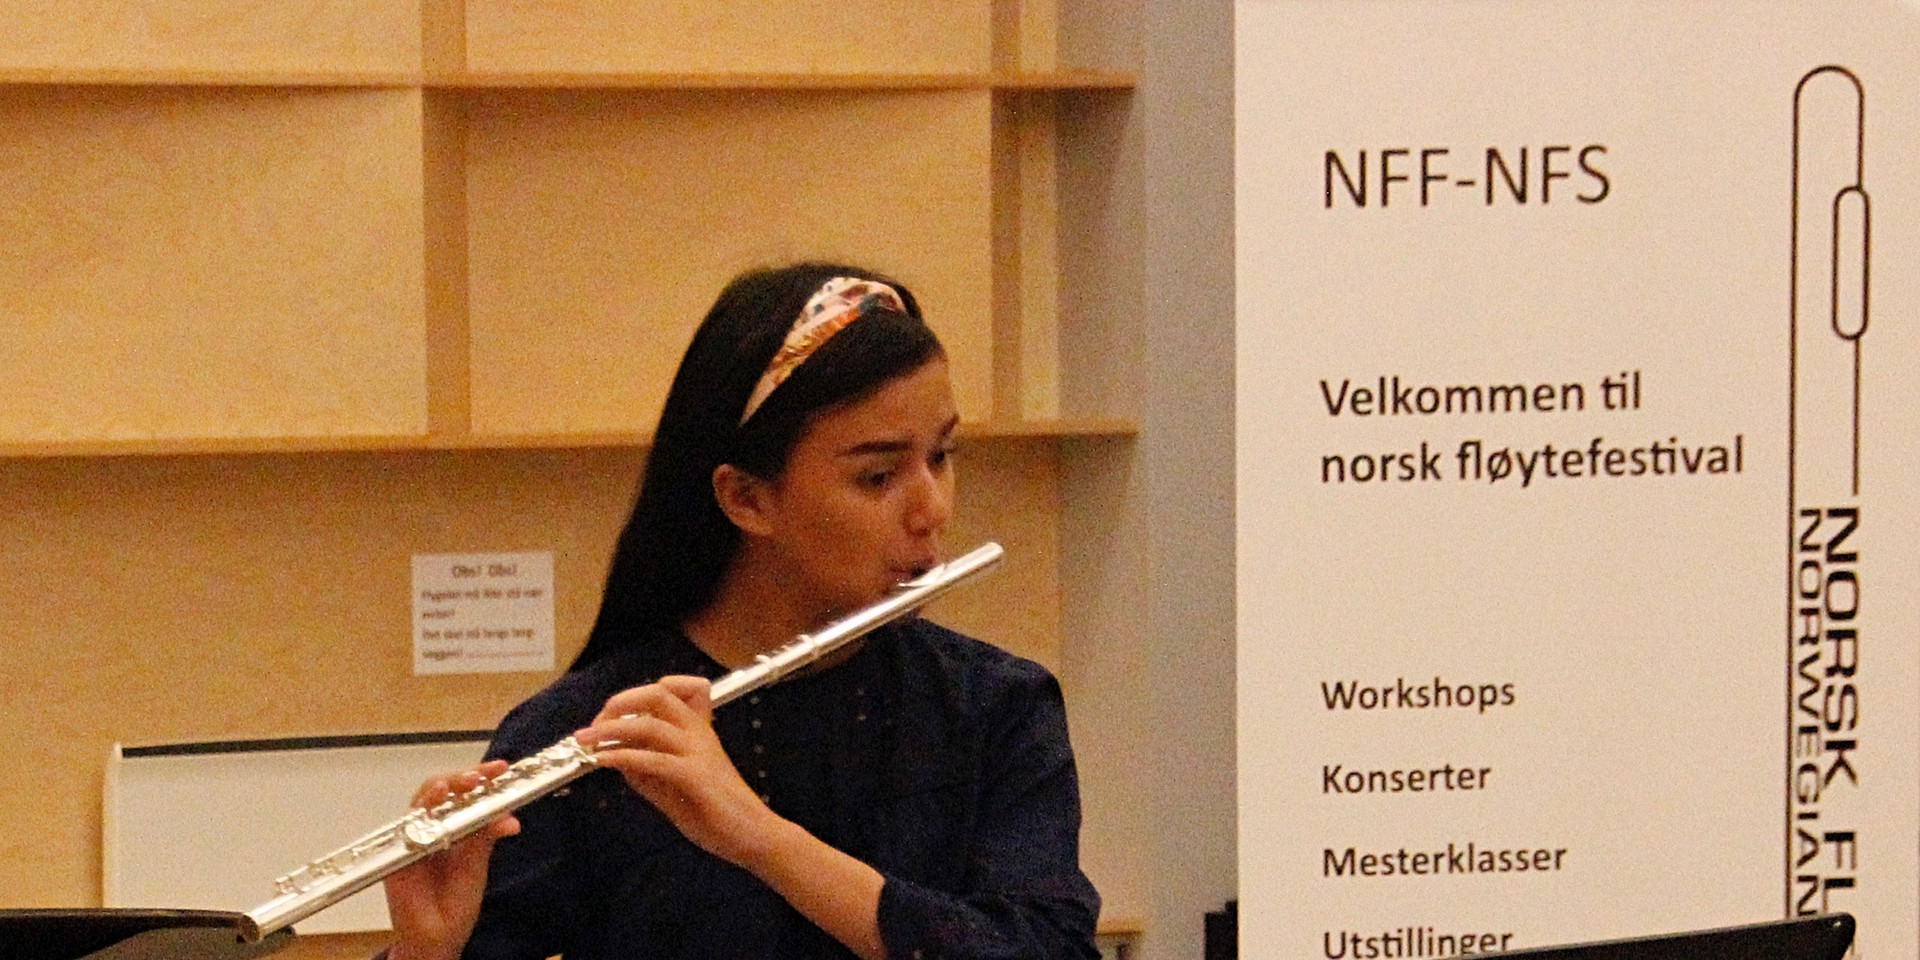 Camilla Wilhelmine Hognestad